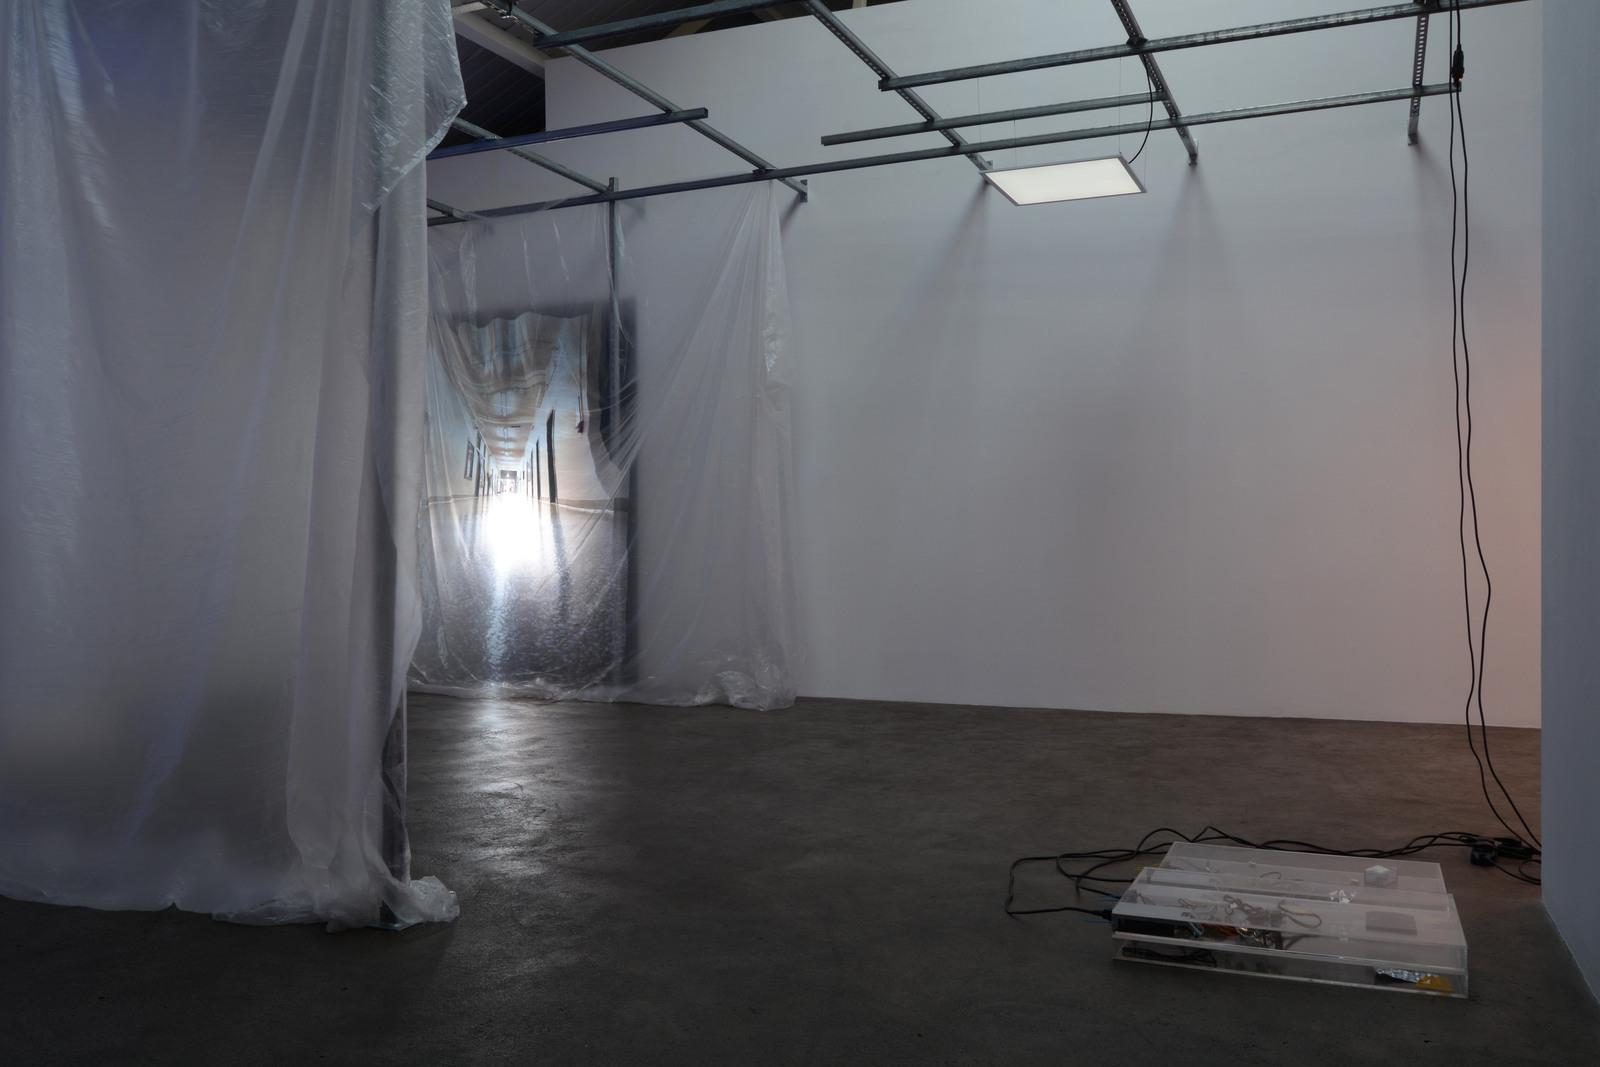 2. Yuri Pattison_sunset provision_installation view_(infinite corridor, infinite) Sunset Provision_dust,scraper, fan